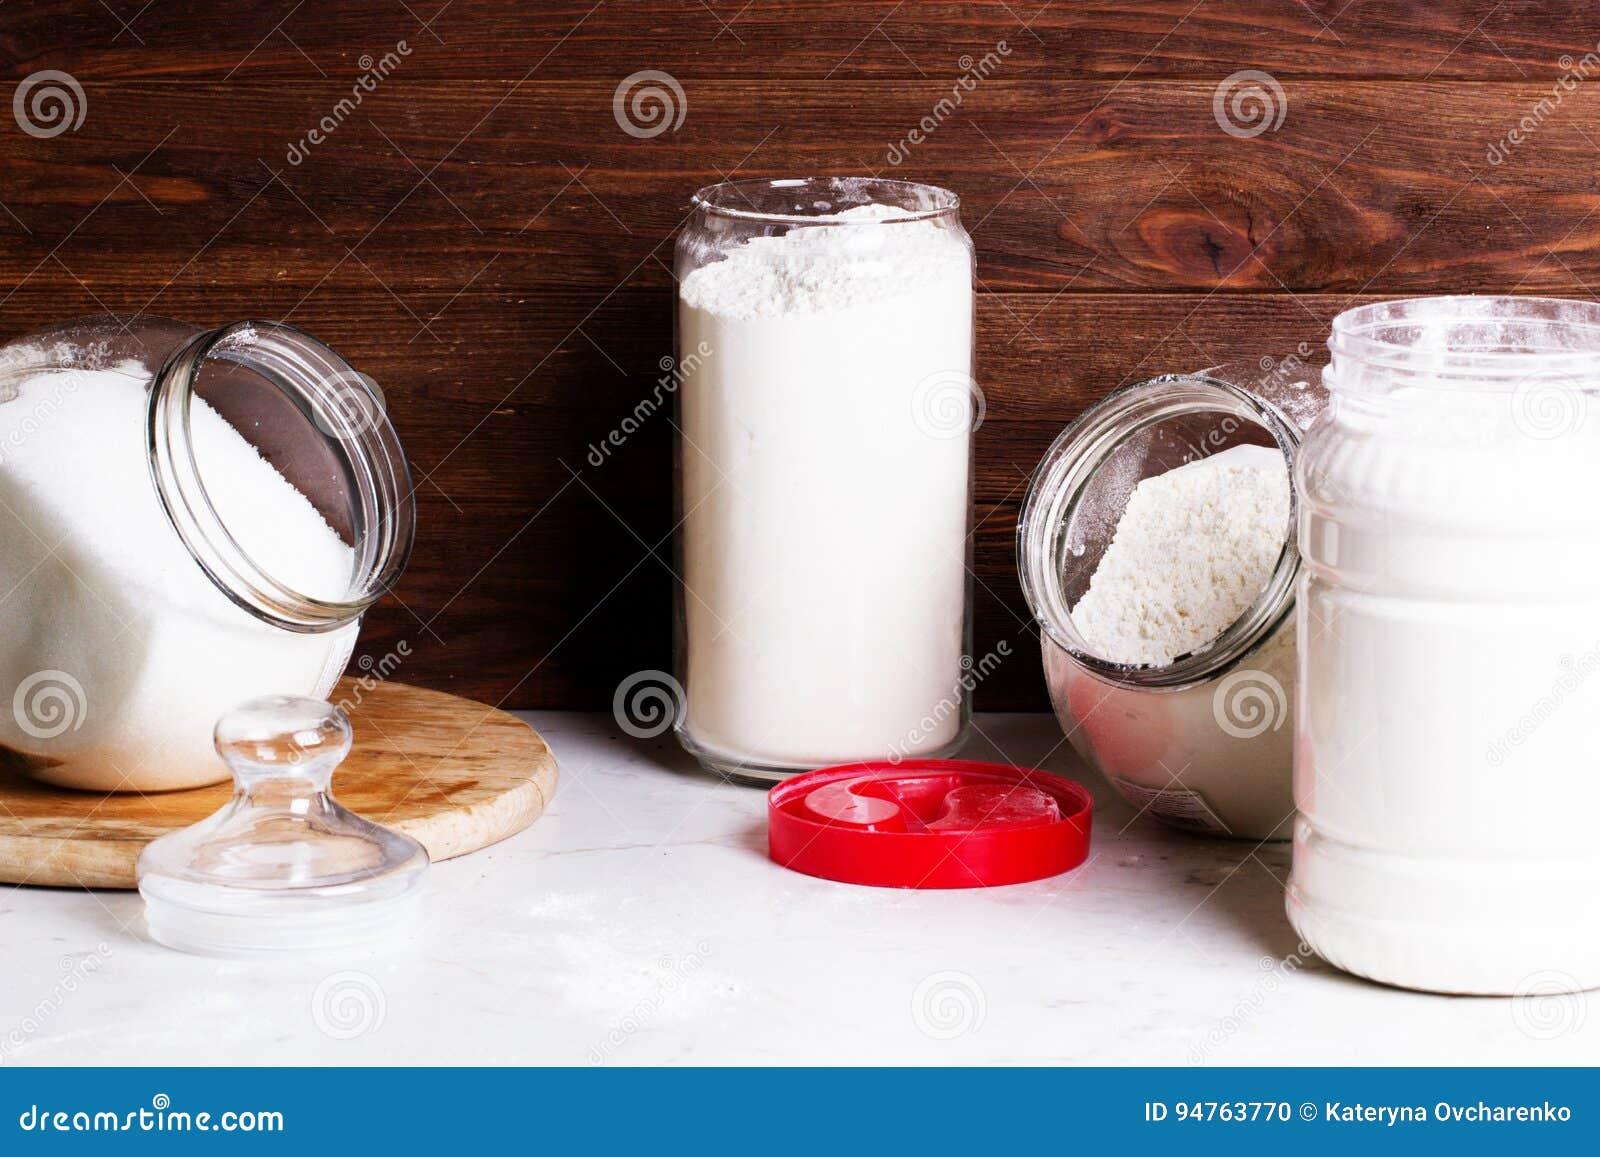 Mehl Und Andere Kuchengerate Das Konzept Von Einfachem Gesundem